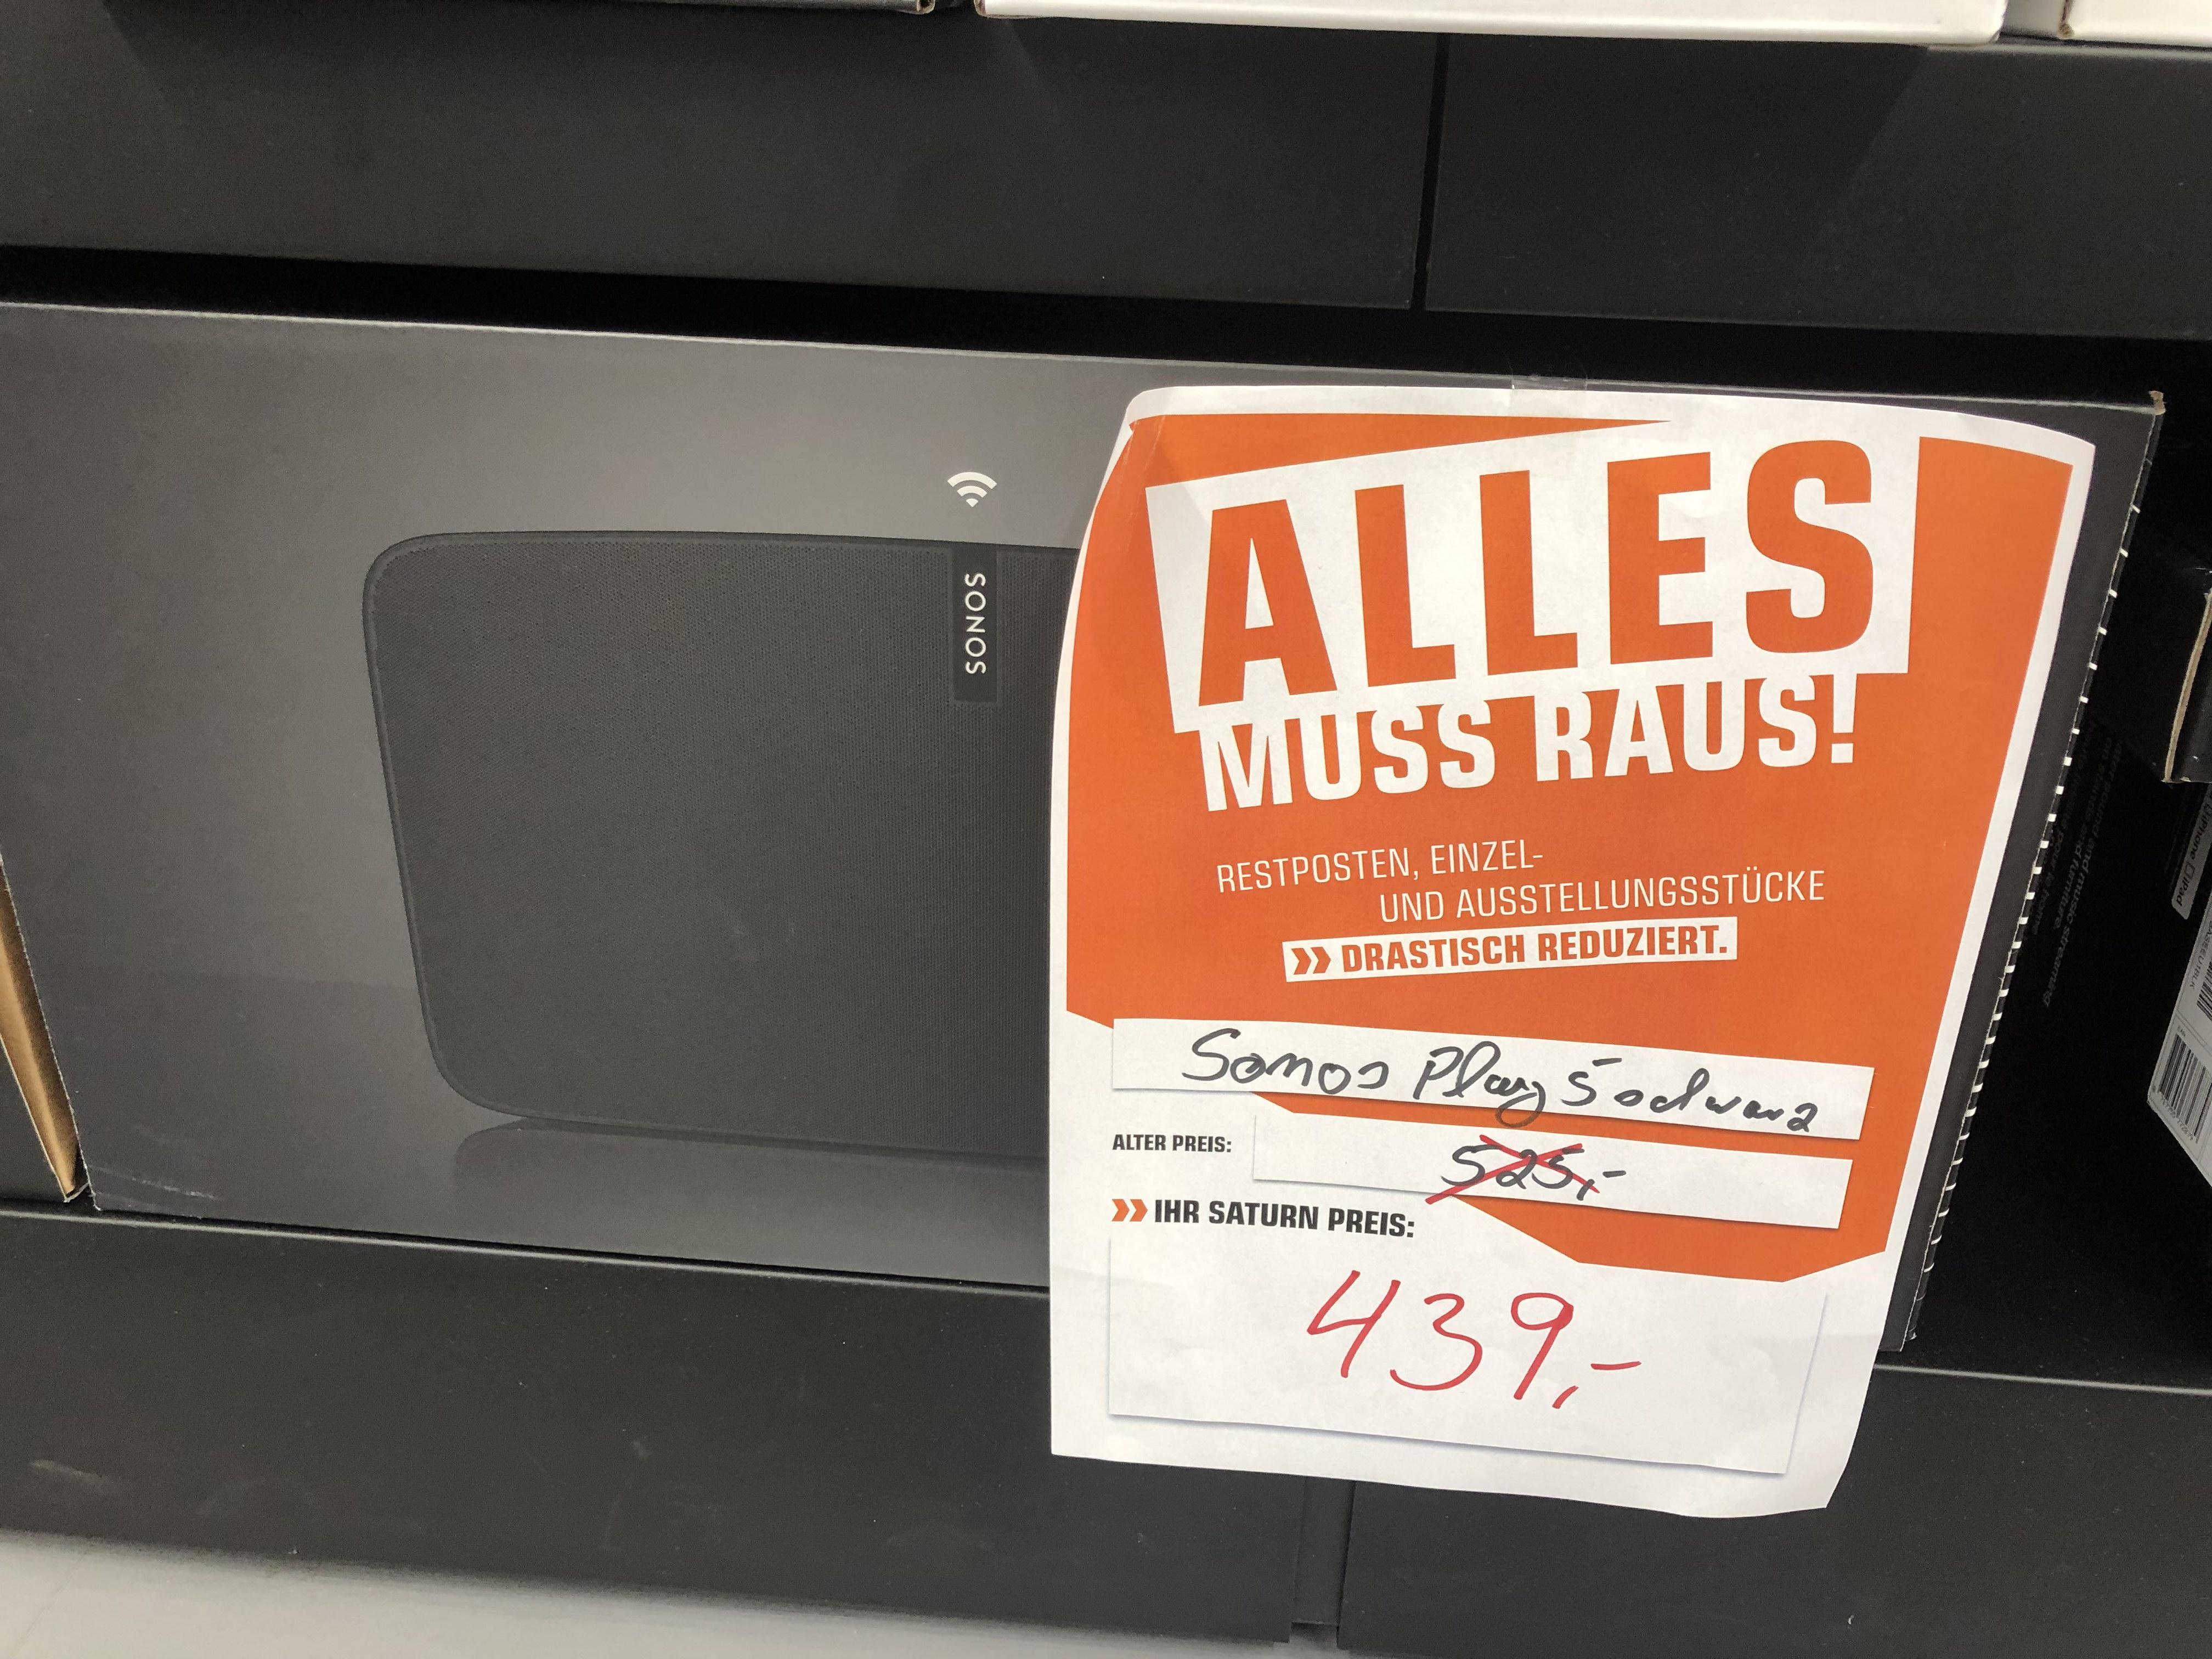 SONOS PLAY:5 Multiroom Lautsprecher, schwarz [Lokal] im Saturn Bielefeld für 439,-